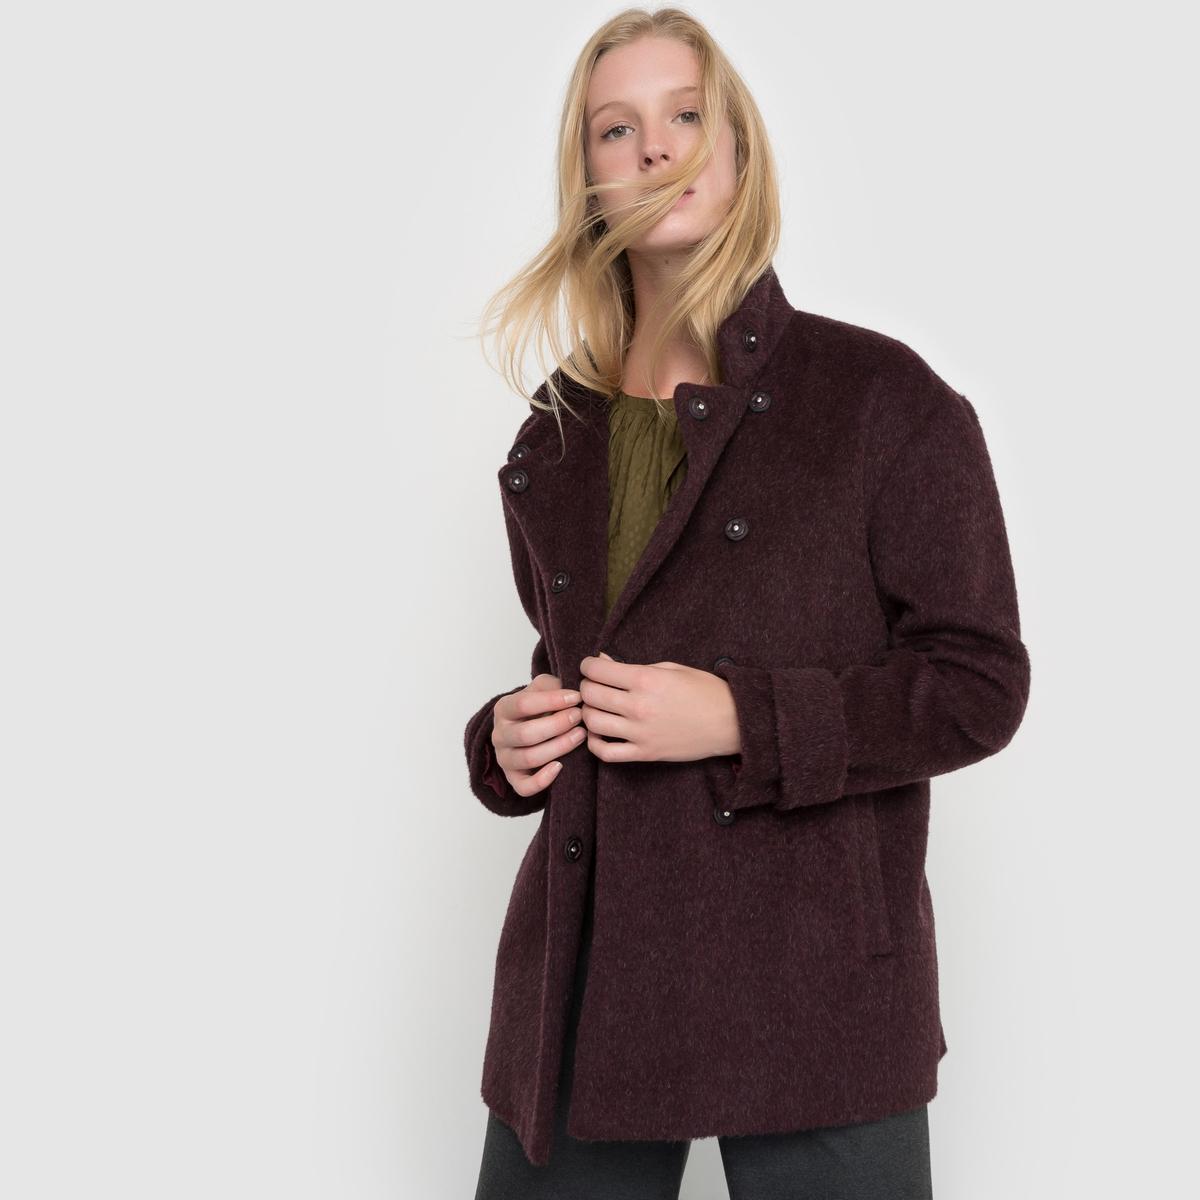 Пальто короткое с воротником-стойкойКороткое пальто прямого покроя. Высокий воротник. Двойная застёжка на кнопки. Паты на манжетах. Карманы по бокам. Хлястик сзади.Состав и описаниеМатериал: 35% полиэстера, 30% шерсти, 18% вискозы, 9% хлопка, 8% шерсти мериноса.                        Подкладка: 100% полиэстер.Длина:  70 см.Марка         atelier RУход- Сухая (химическая) чистка.- Не отбеливать.- Гладить при низкой температуре.- Машинная сушка запрещена.<br><br>Цвет: бордовый<br>Размер: 52 (FR) - 58 (RUS)